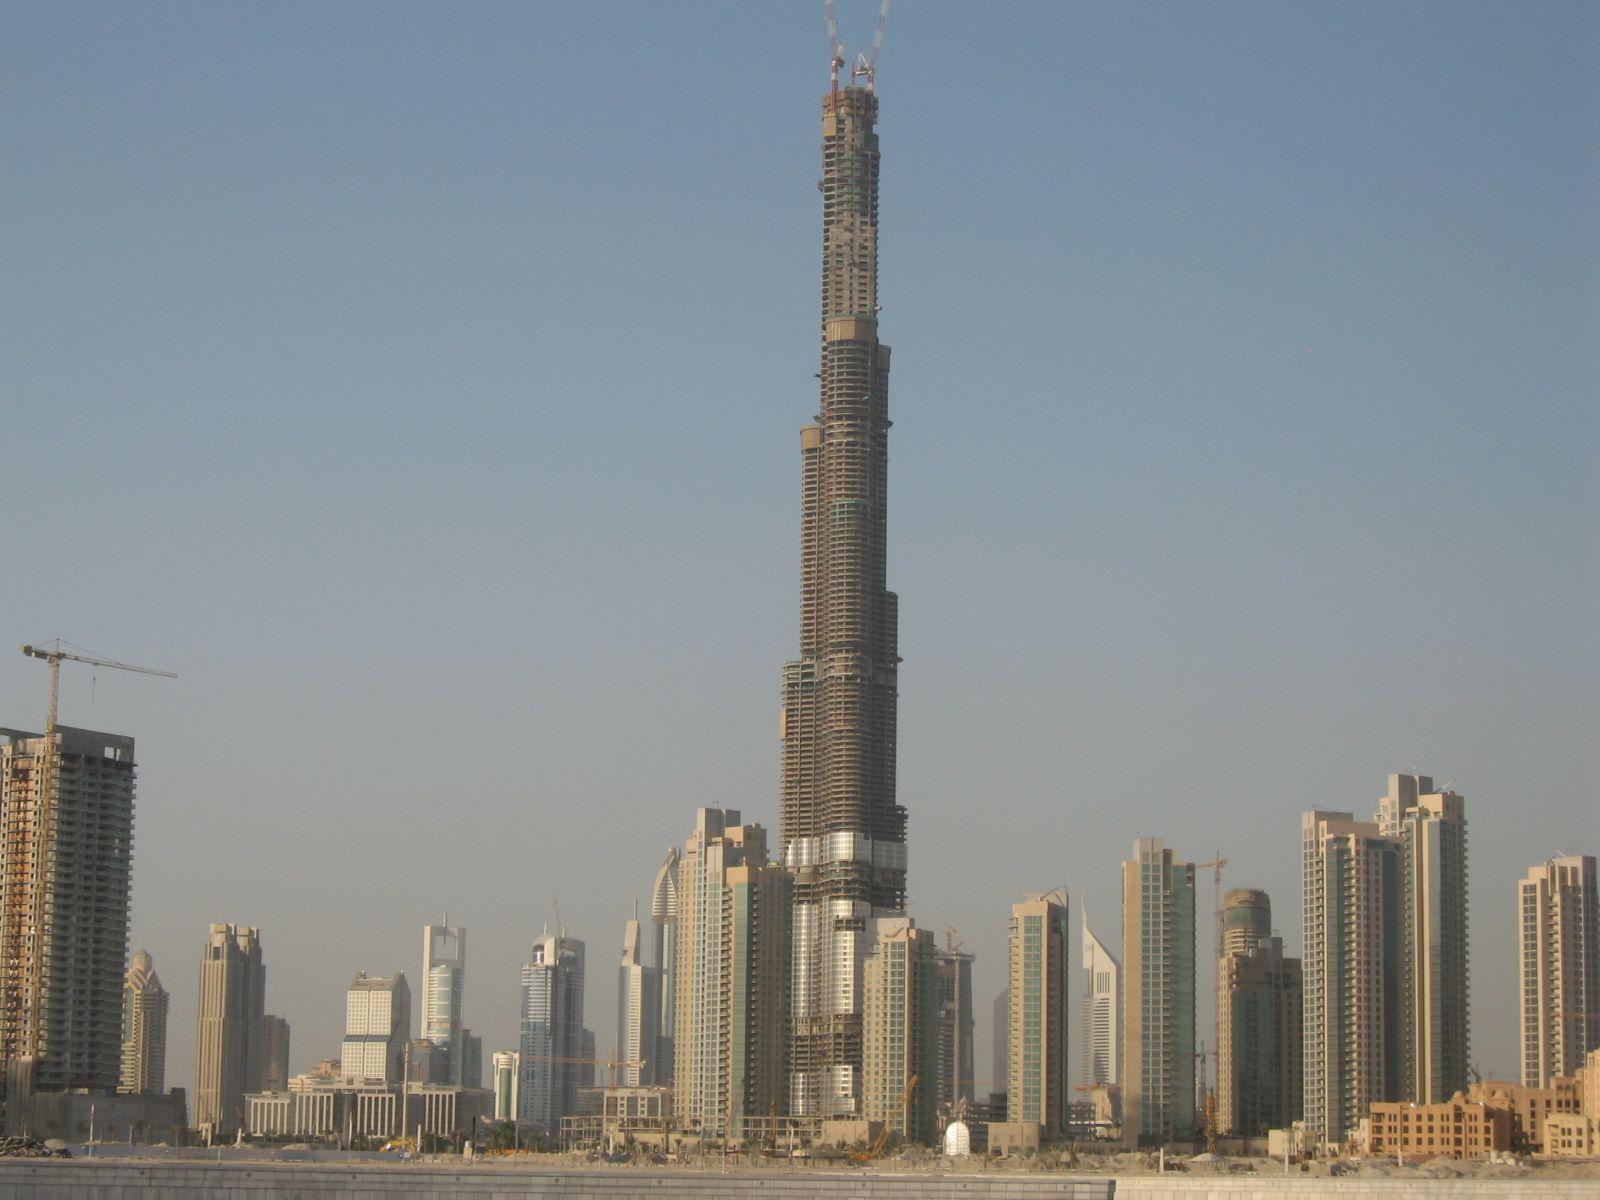 Burj Khalifa seen in October 2007